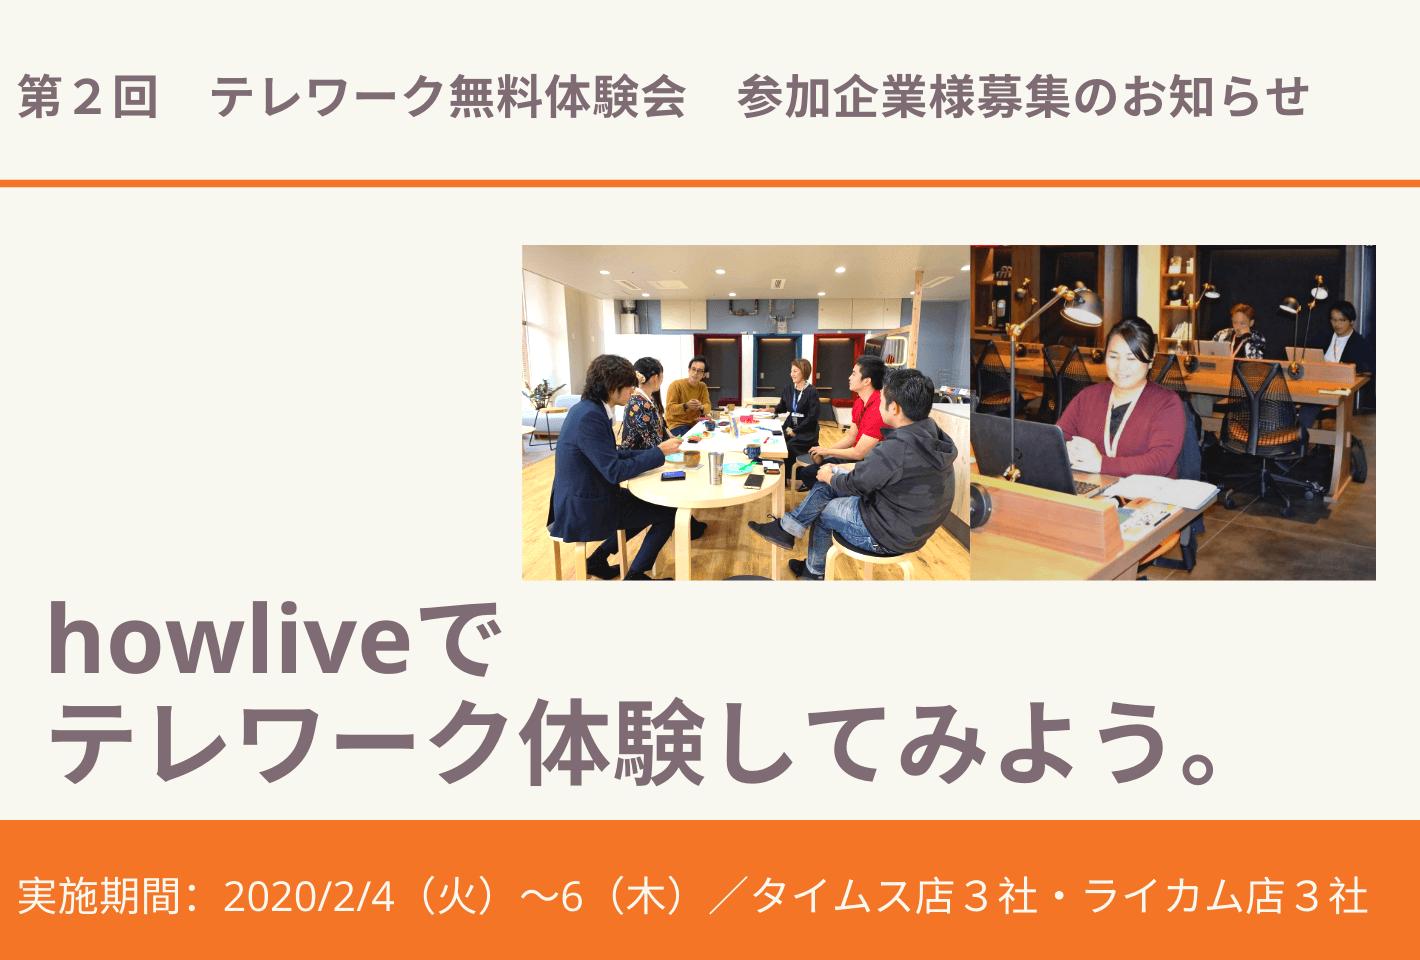 【参加企業様募集中】第2回 howliveテレワークモニター企画のお知らせ